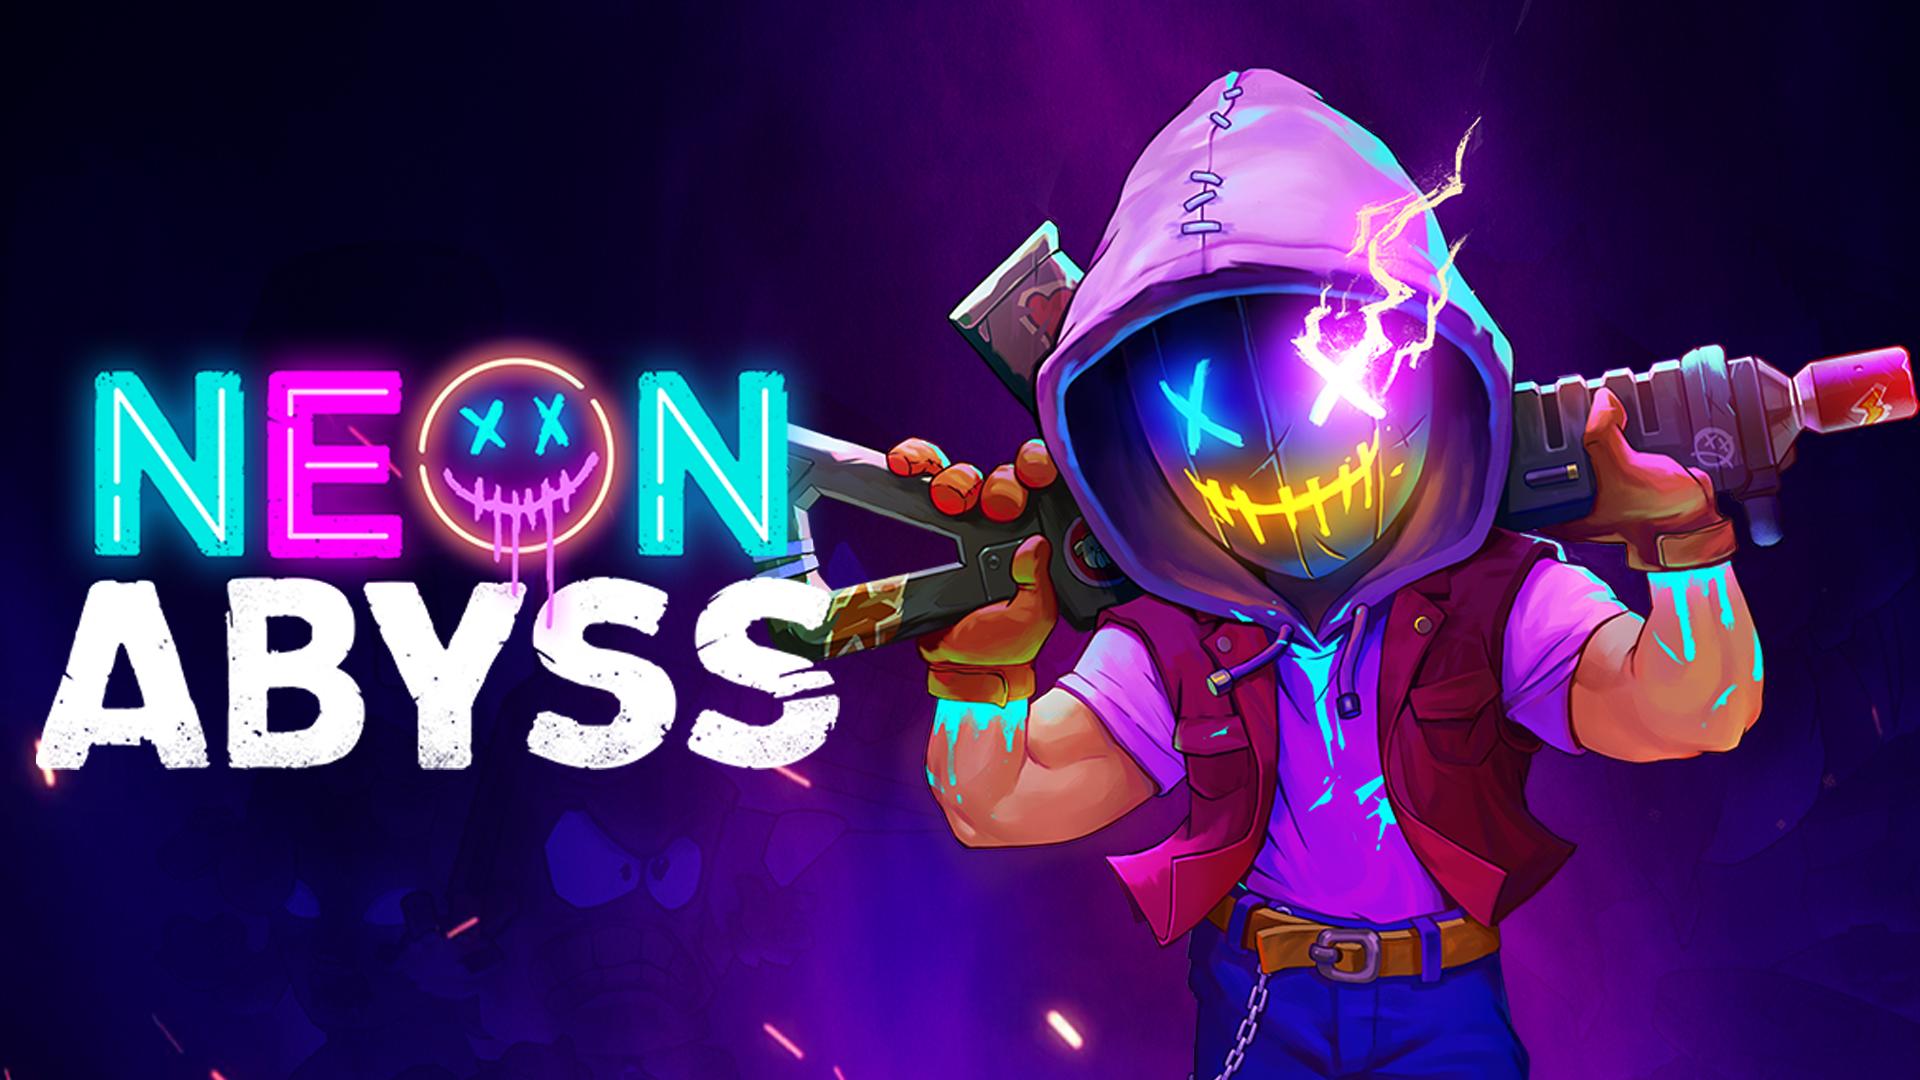 عنوان Neon Abyss روانهی کنسولهای نسل هشتم خواهد شد+ تریلر